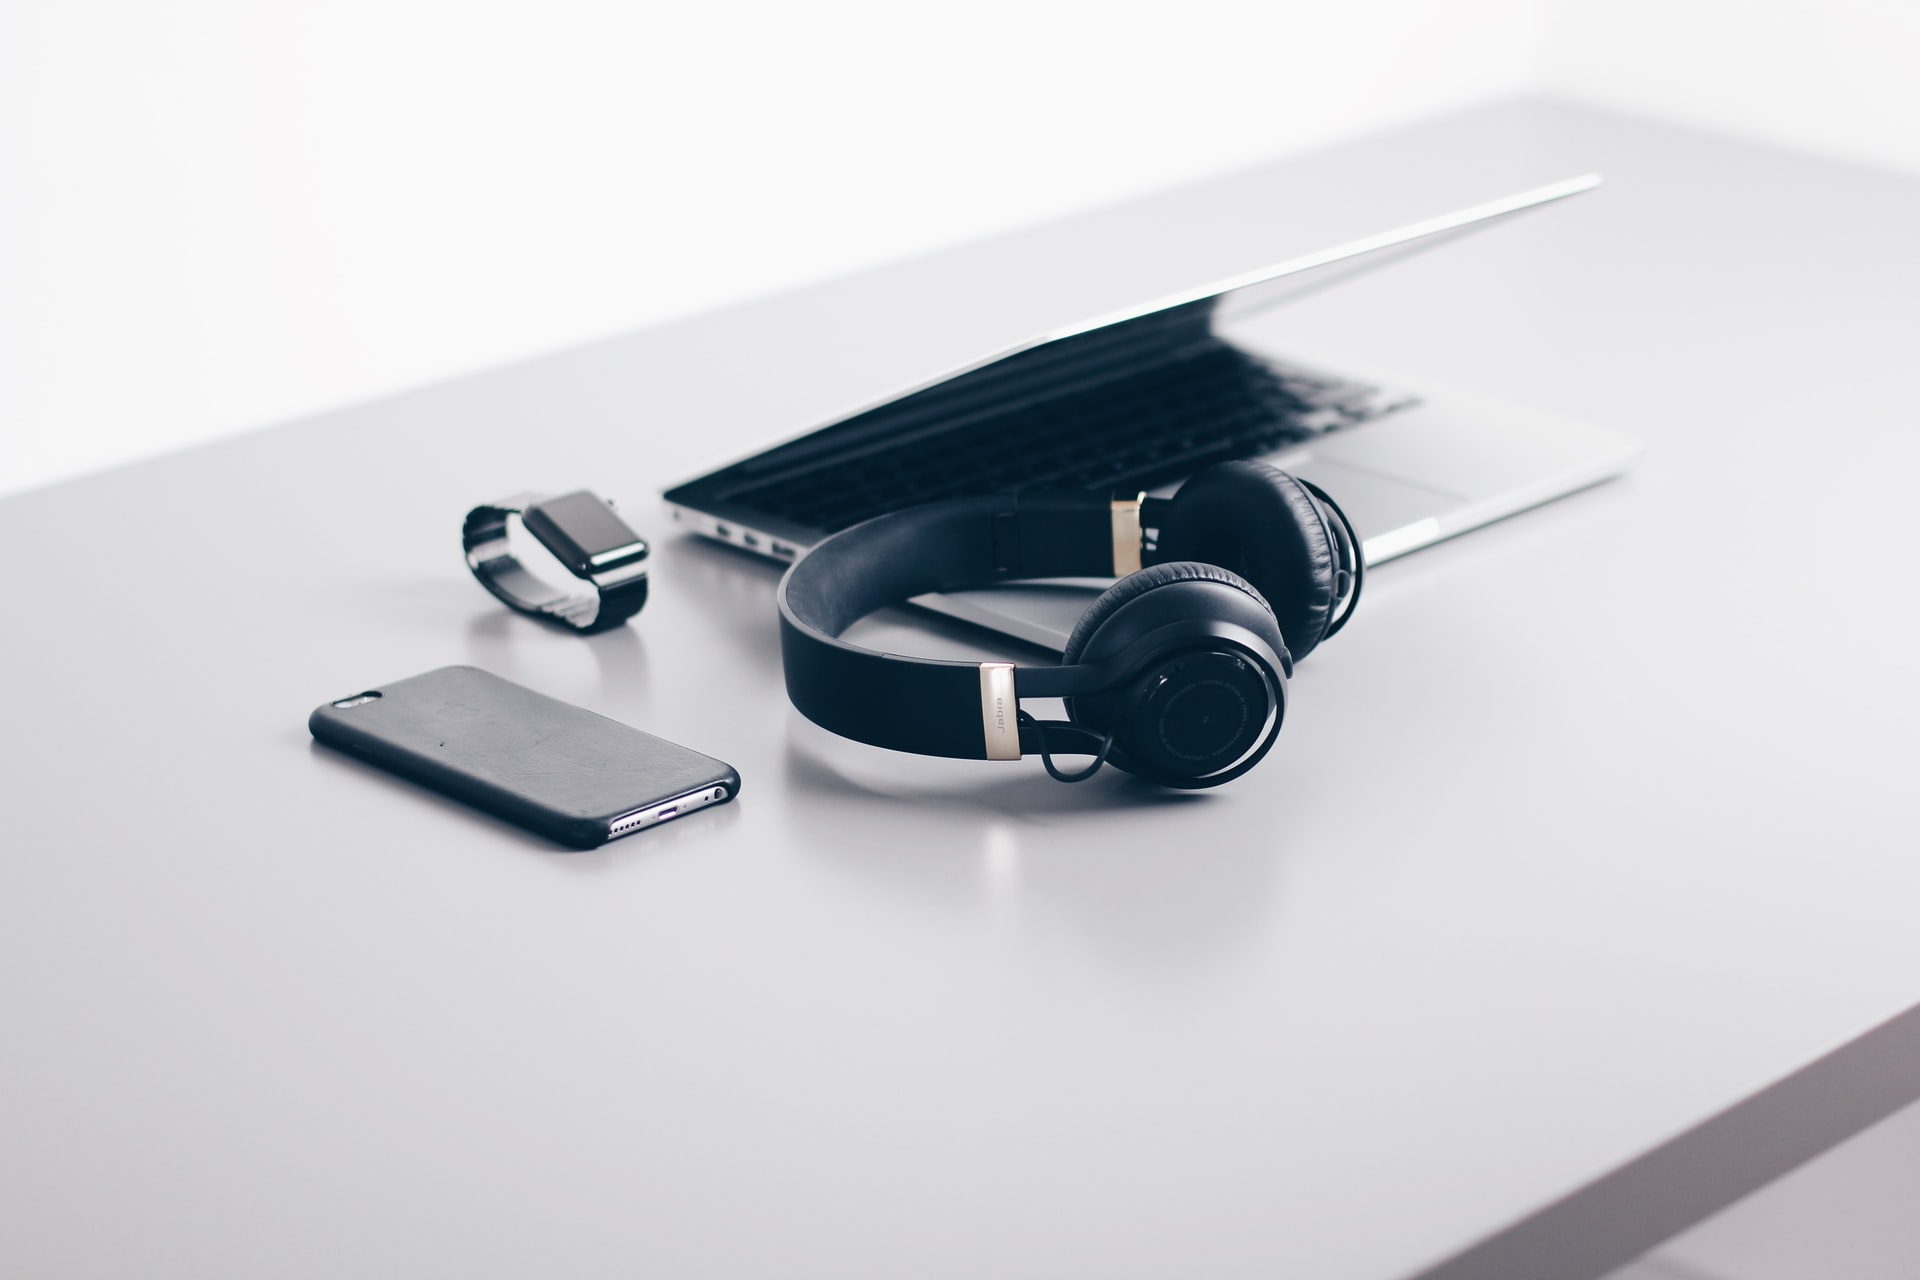 laptop-phone-watch